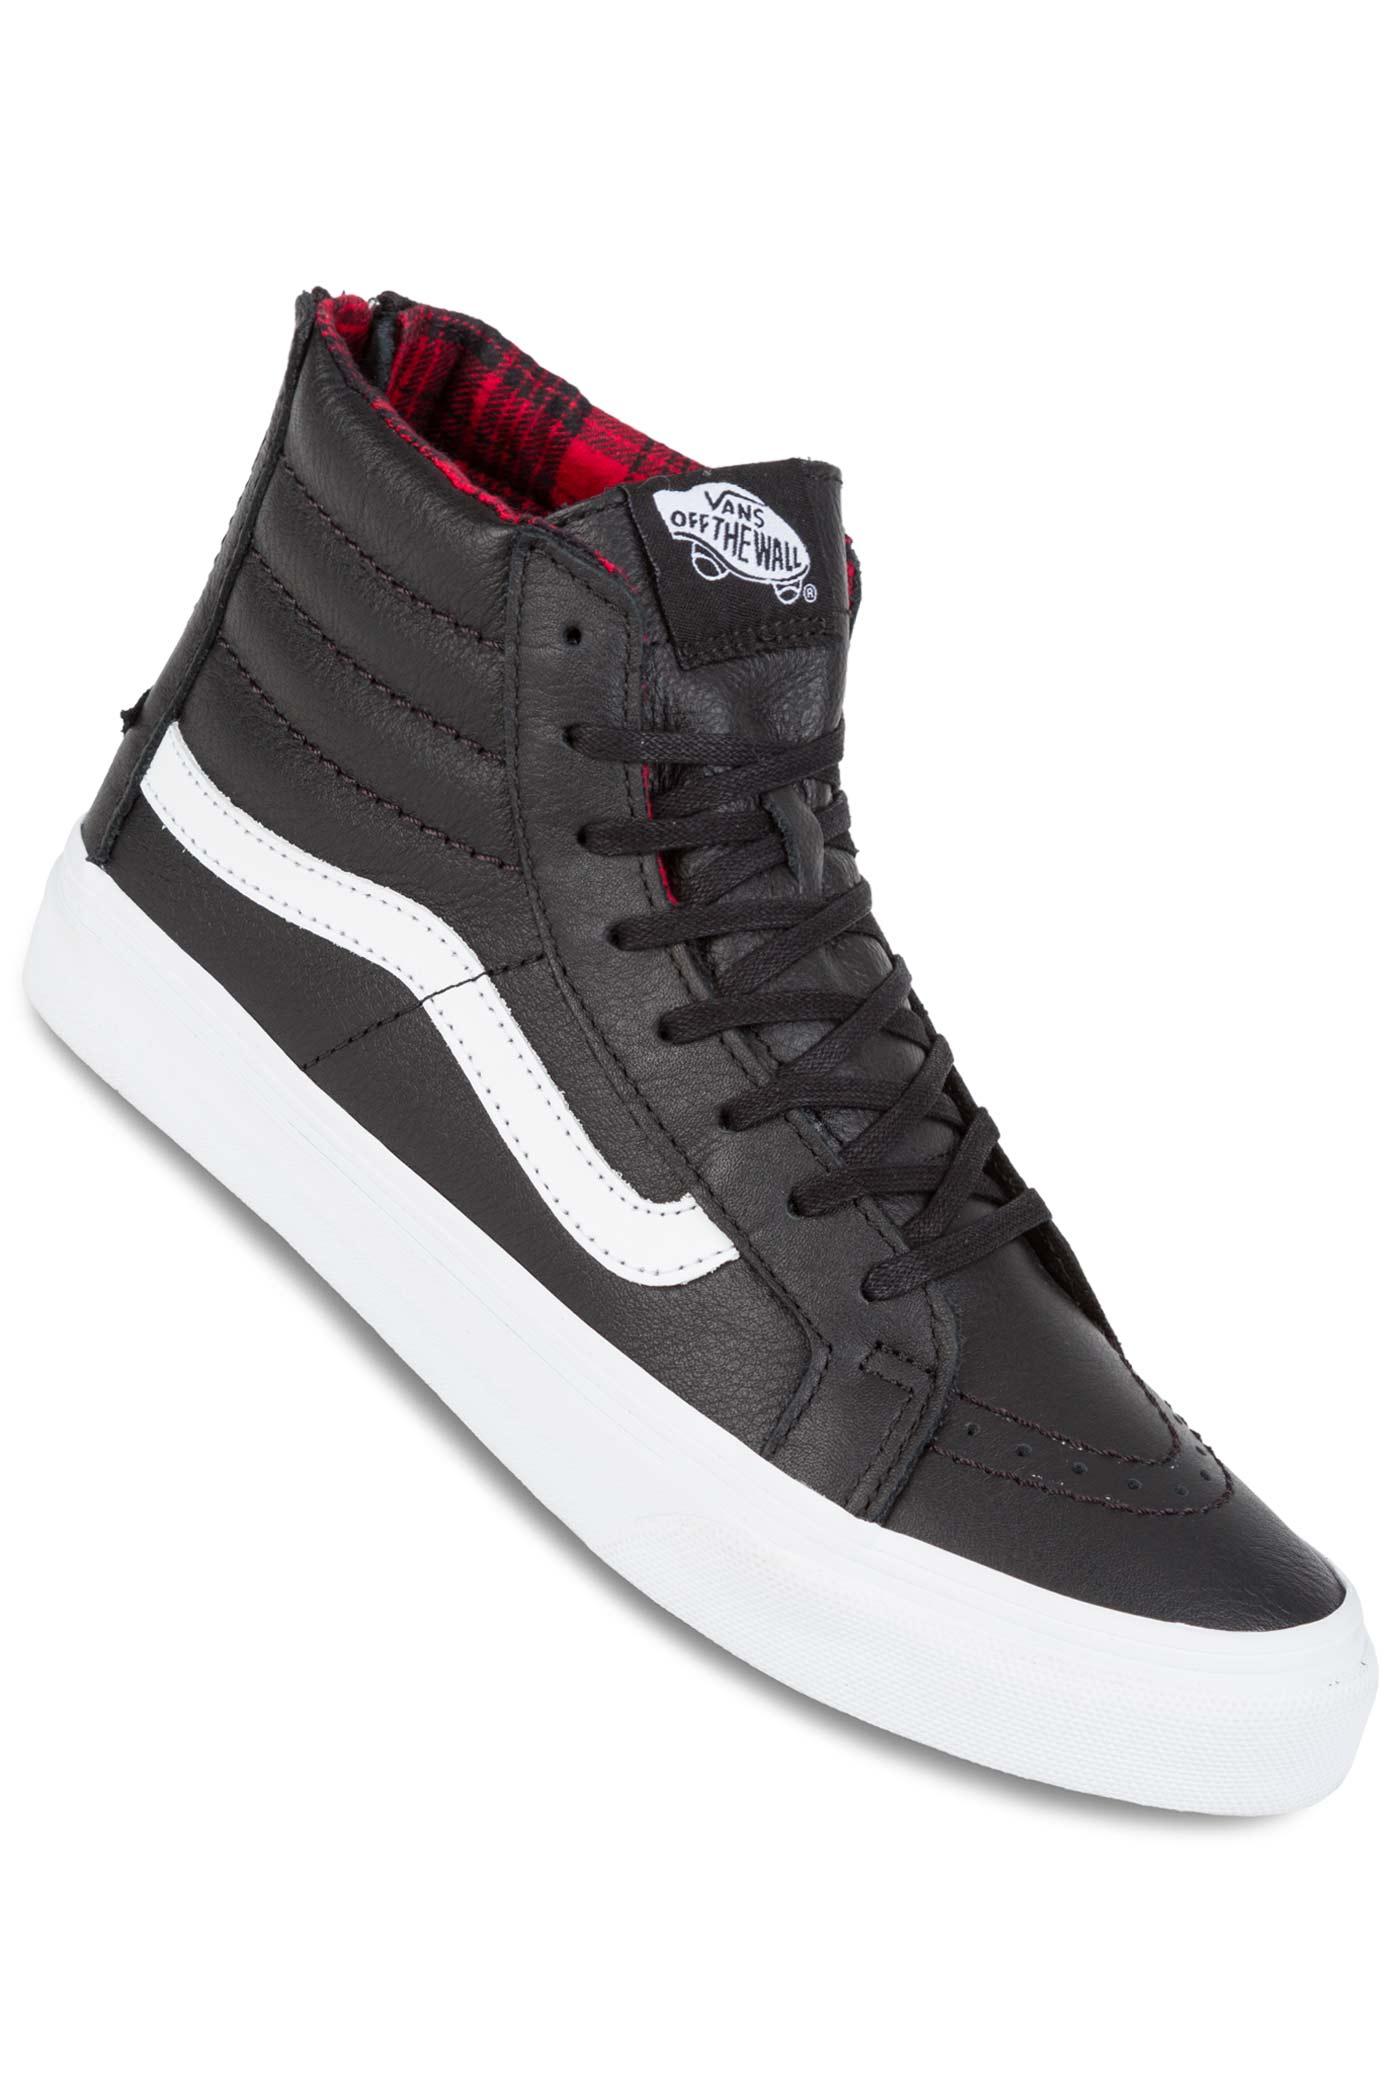 25874242f078 Vans Sk8-Hi Slim Zip Shoe women (plaid flannel black true white) buy ...